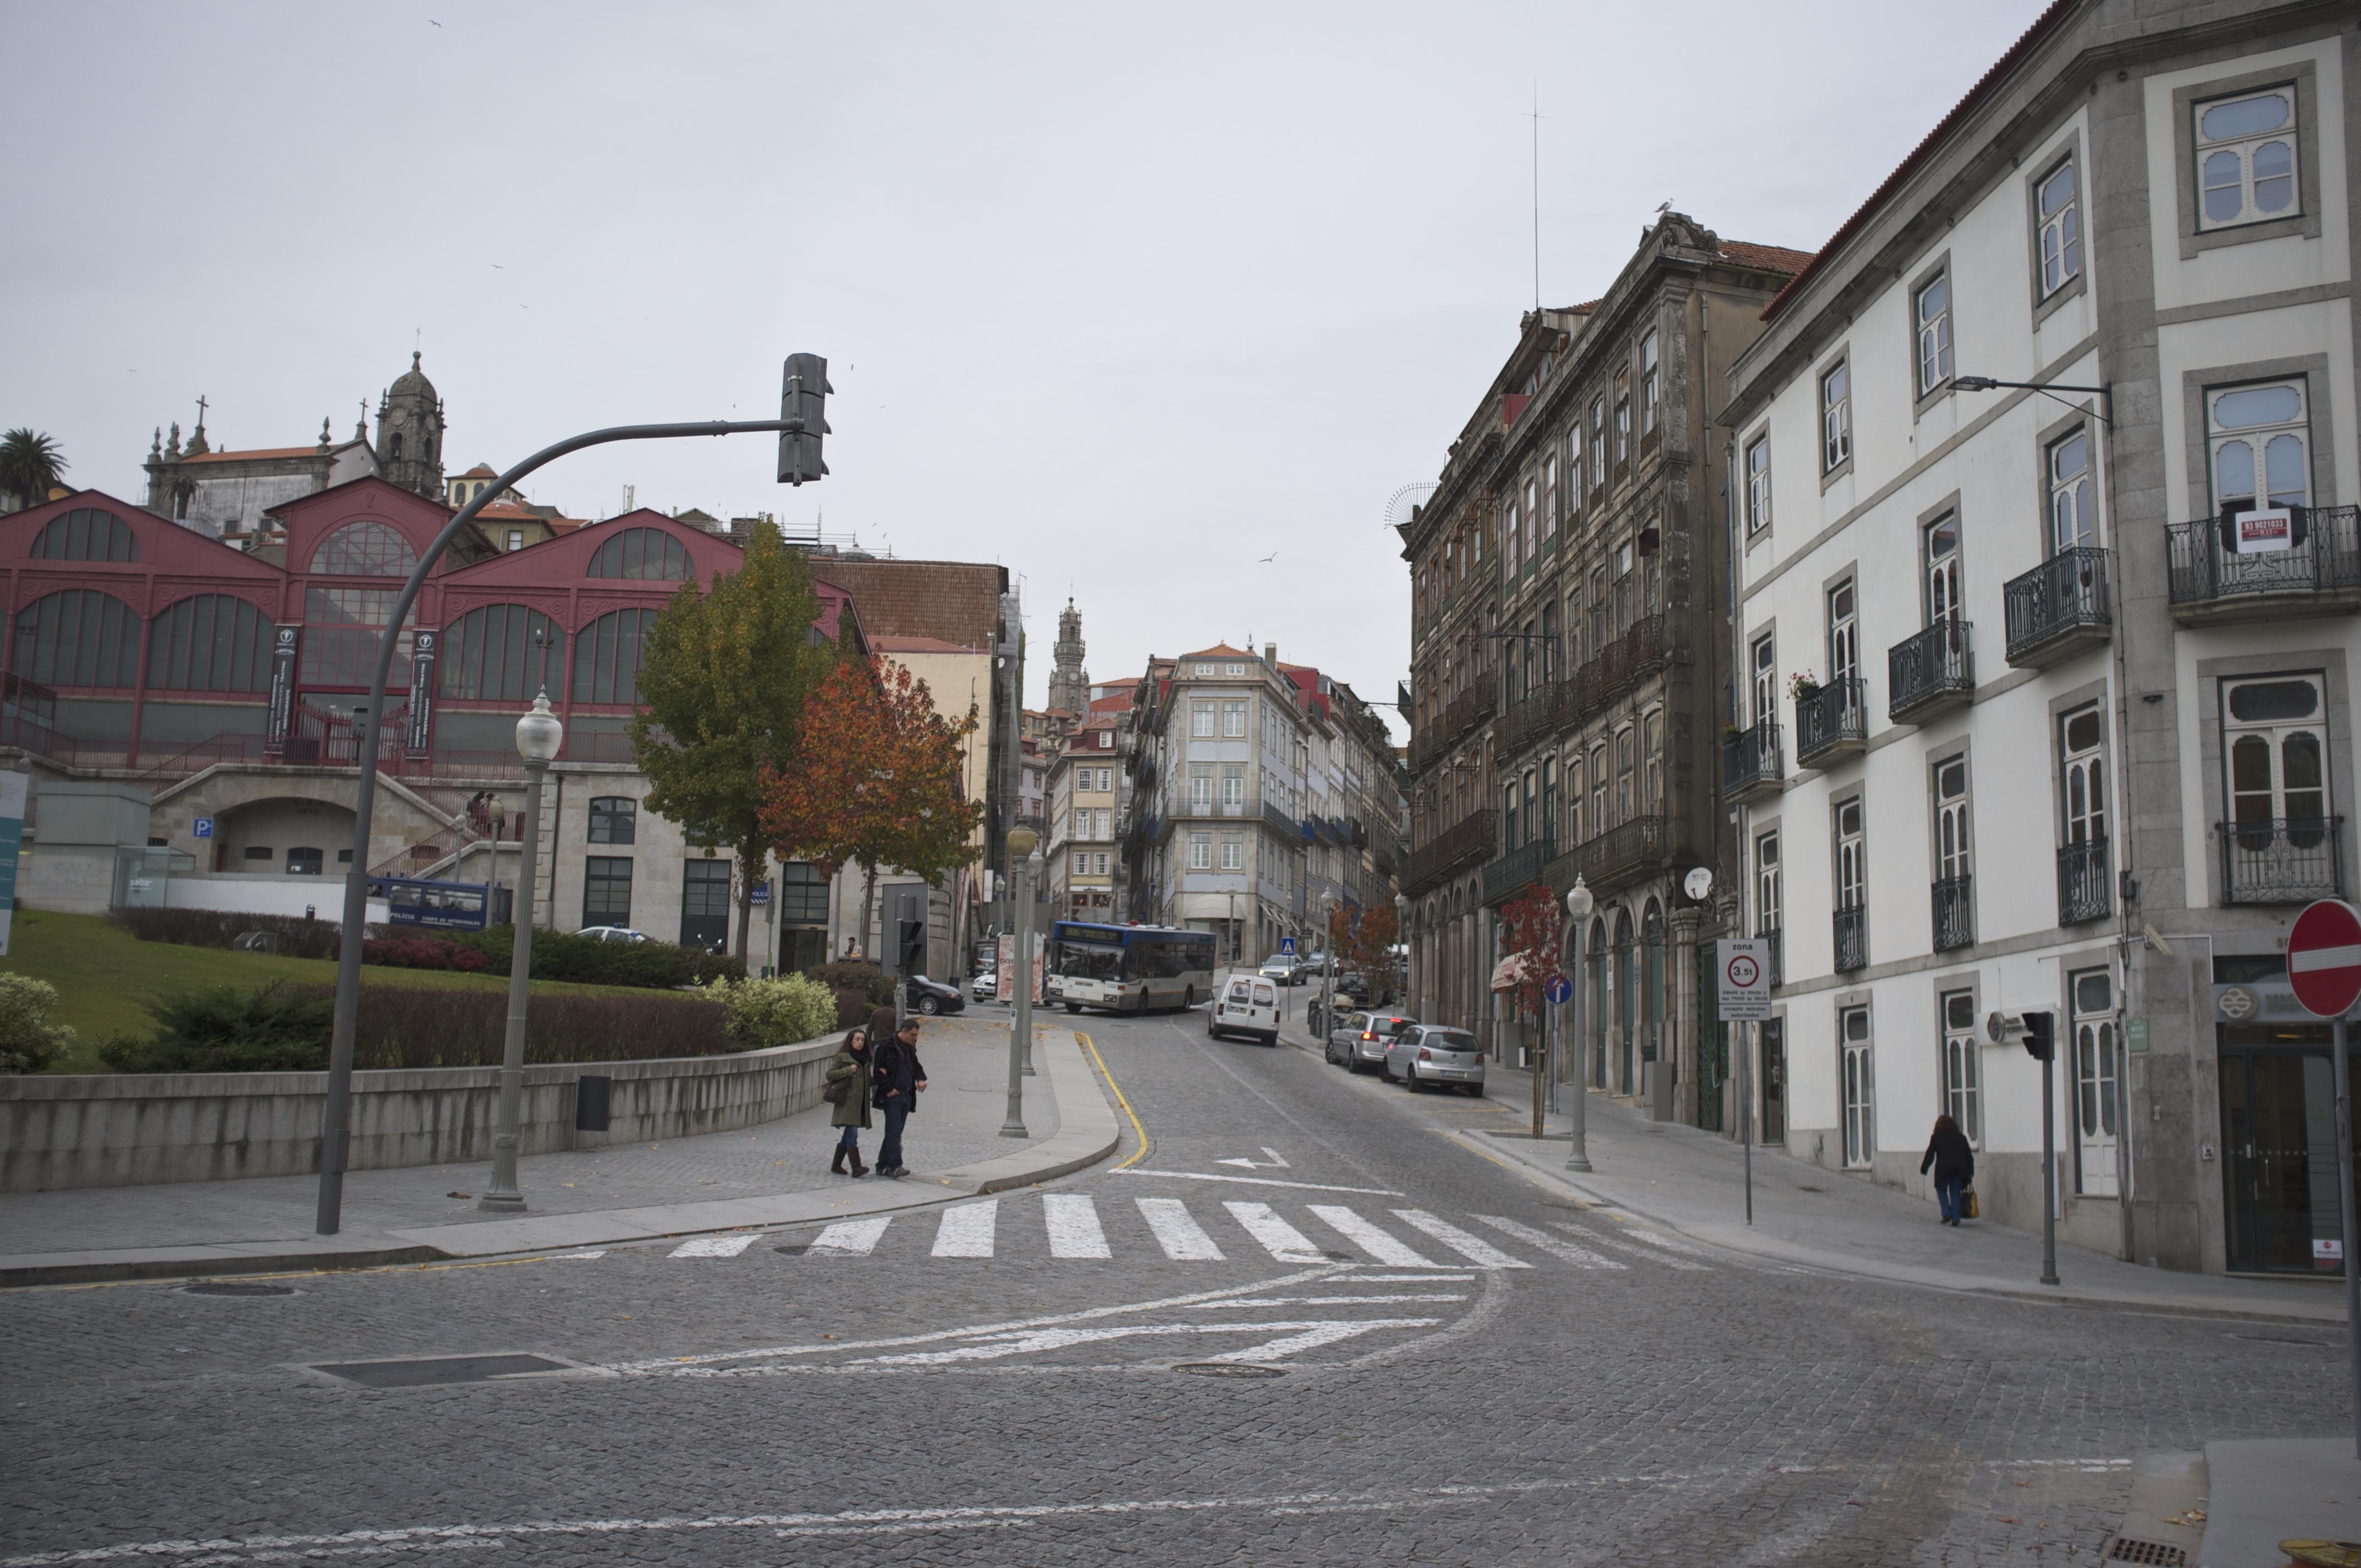 La rua de valdeorras fotos